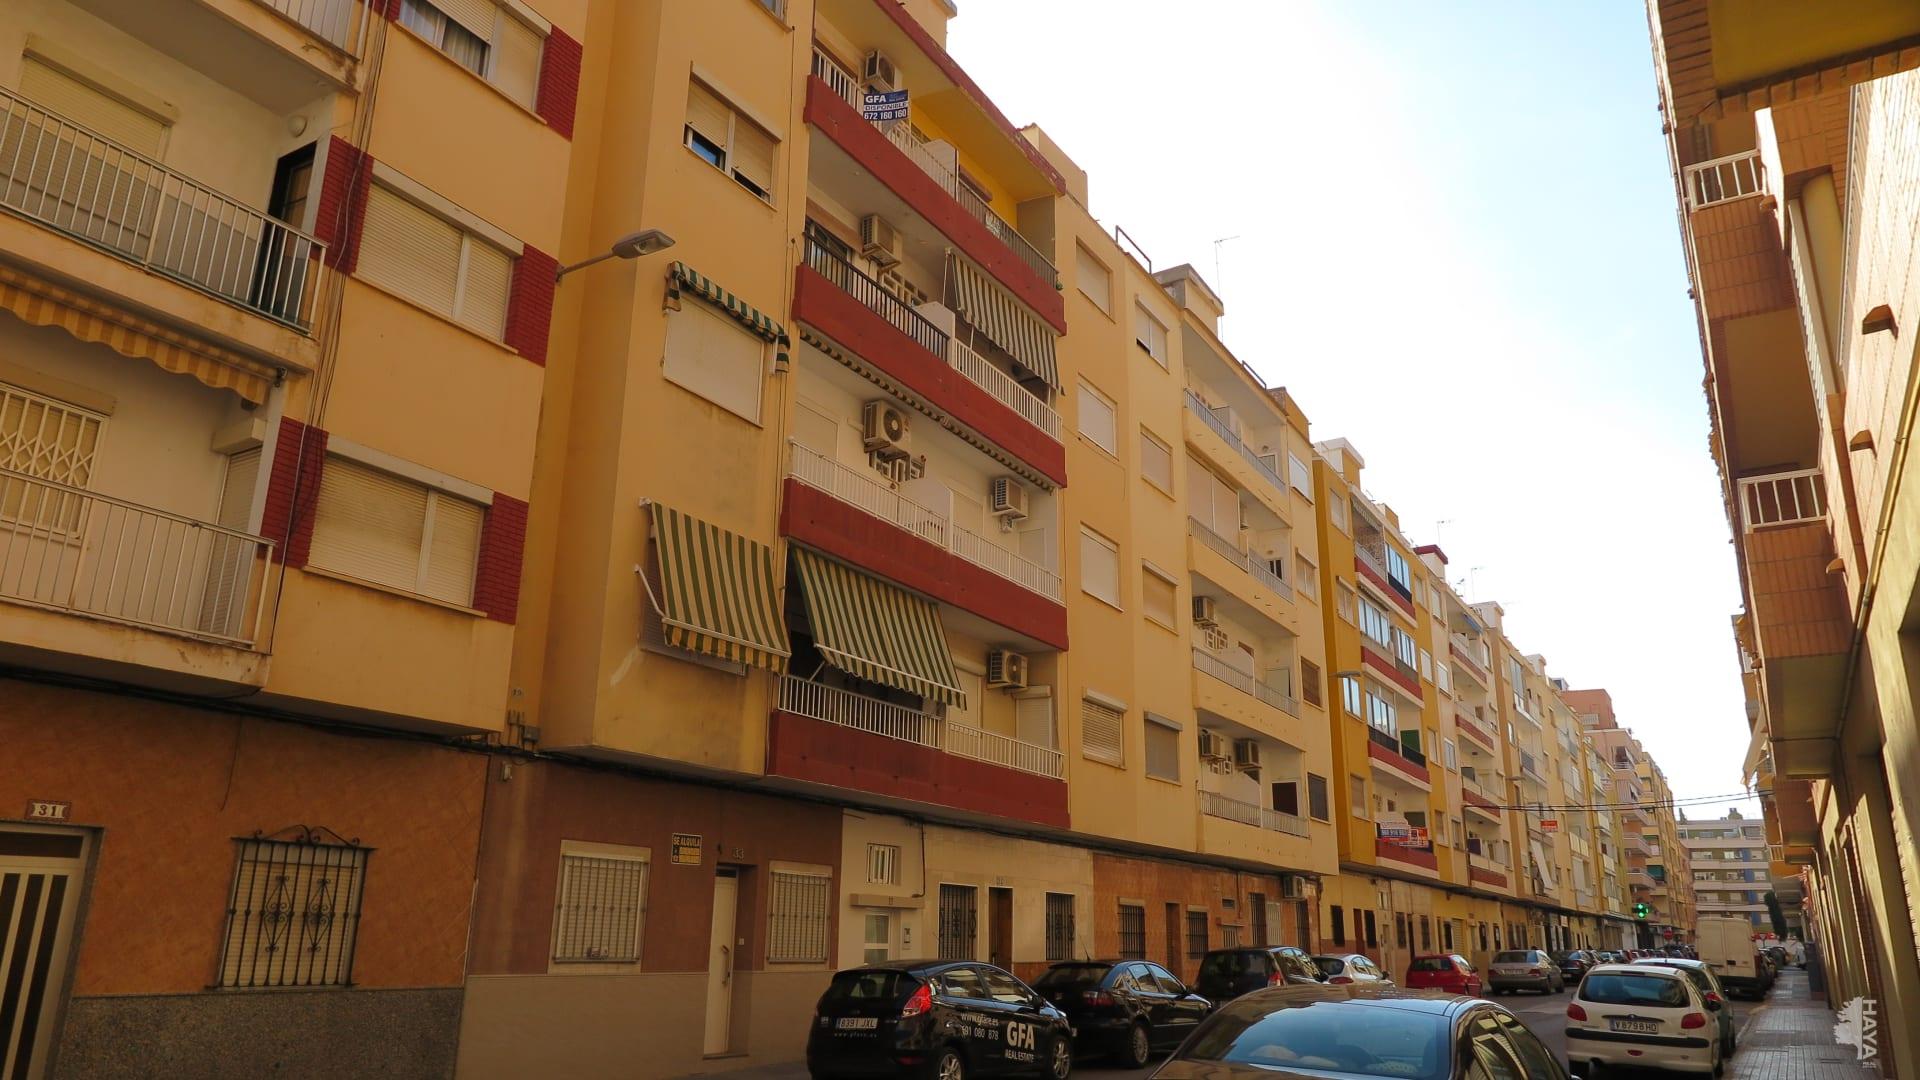 Piso en venta en El Port de Sagunt, Sagunto/sagunt, Valencia, Calle Asturias, 64.785 €, 3 habitaciones, 1 baño, 66 m2